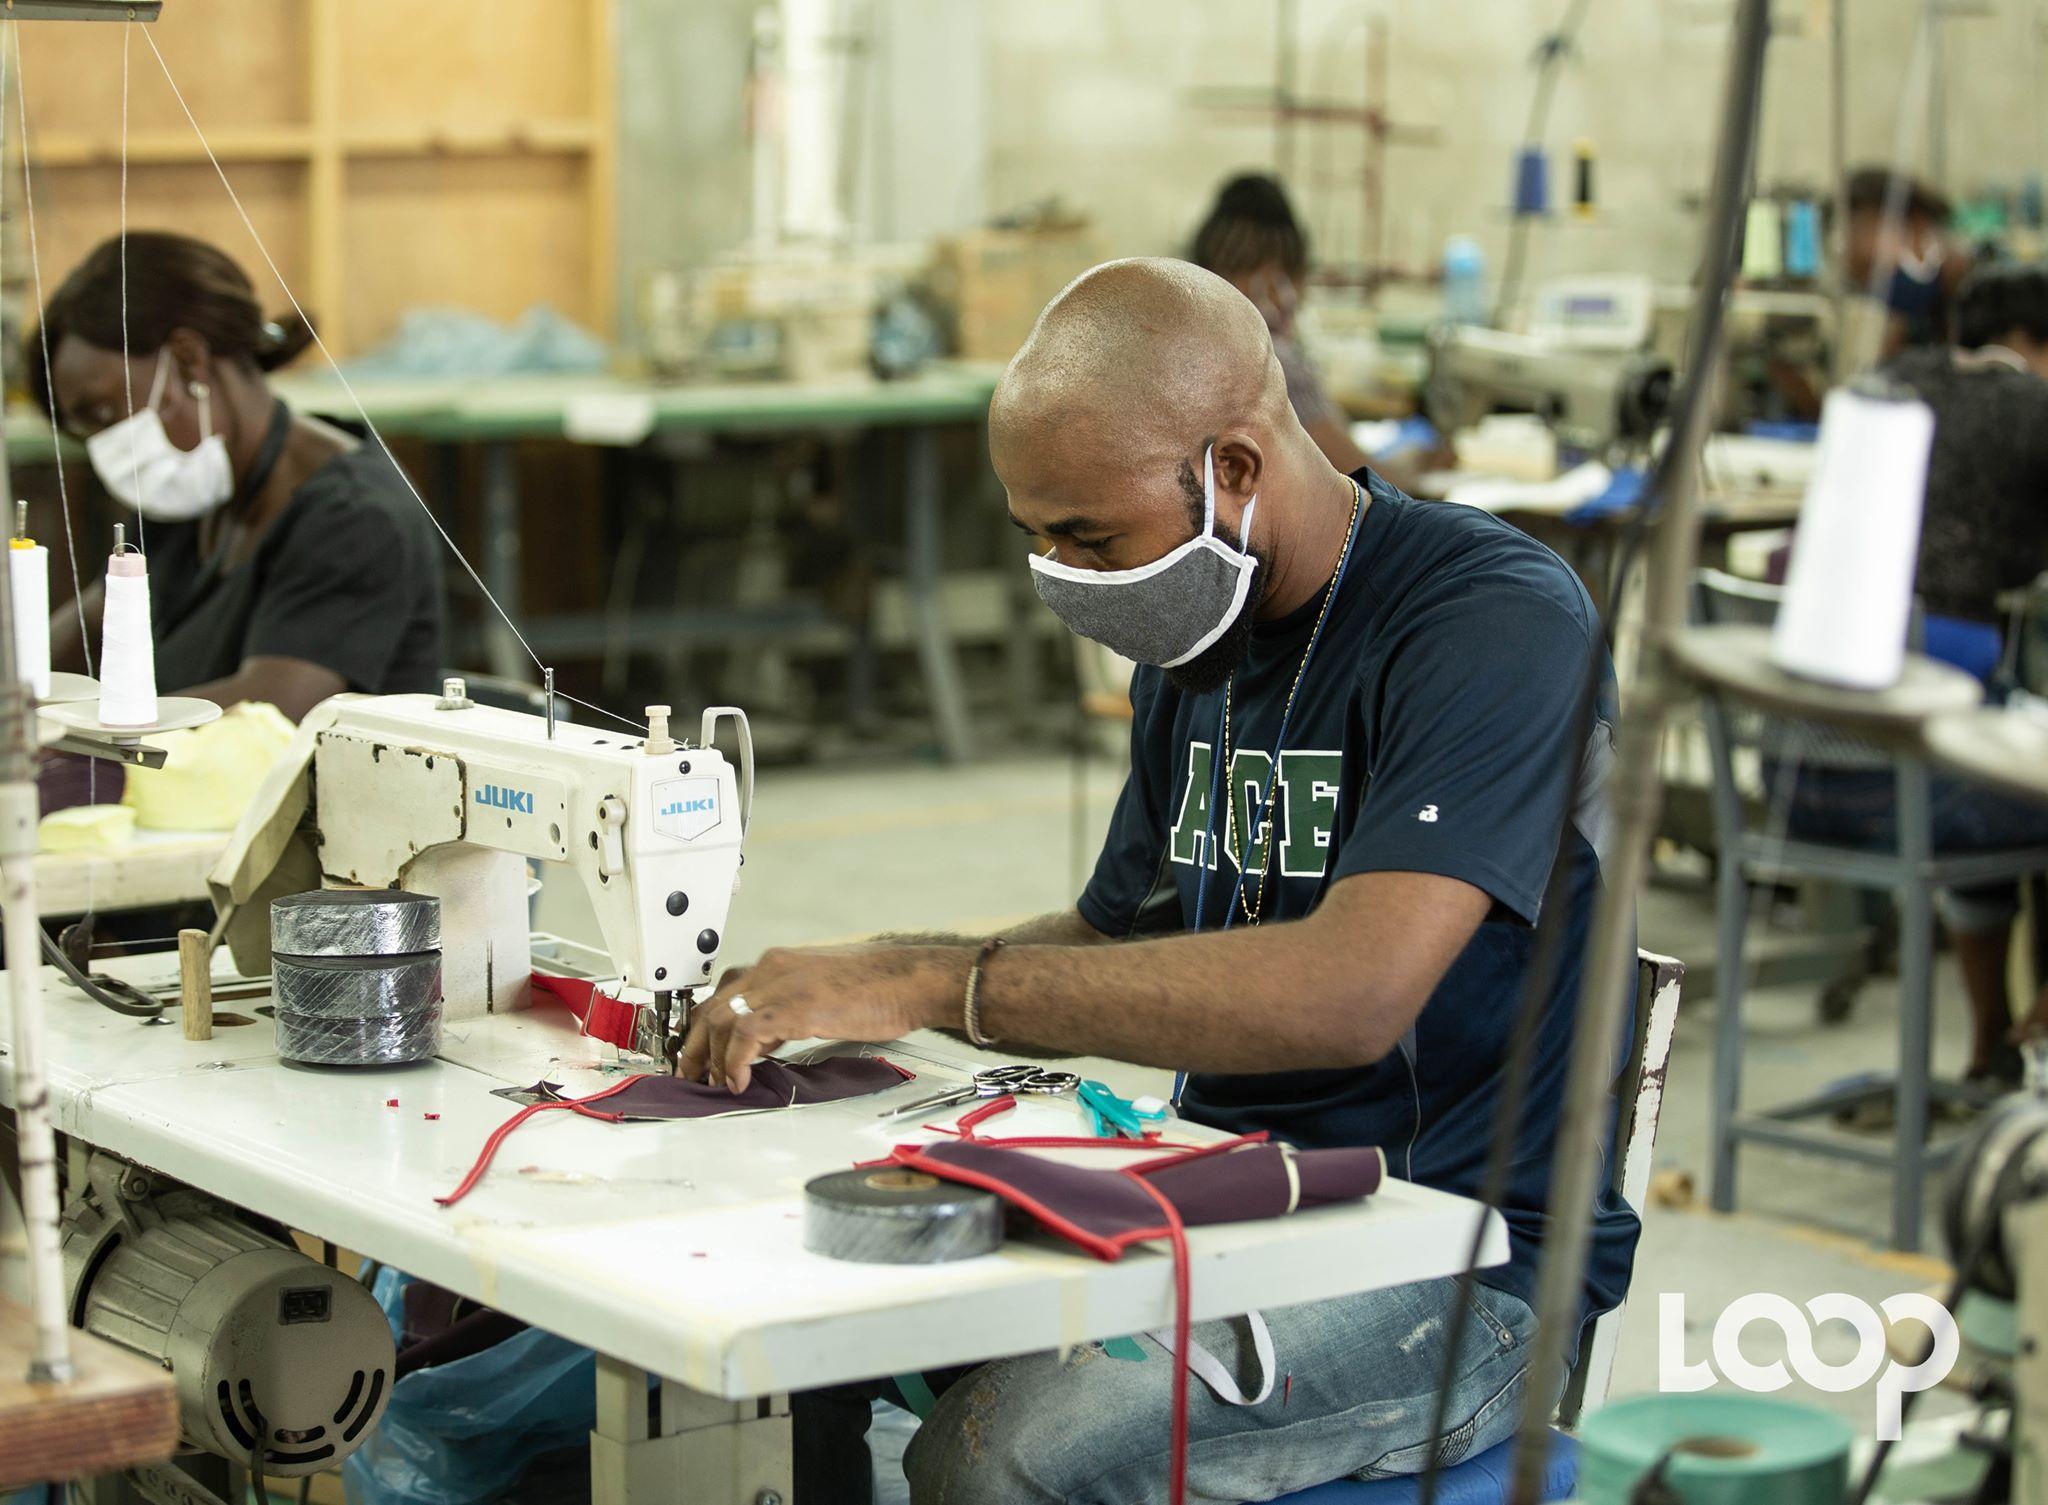 Un ouvrier Sewing Qualityen train de confection un masque / Photo et vidéo: Luckenson Jean